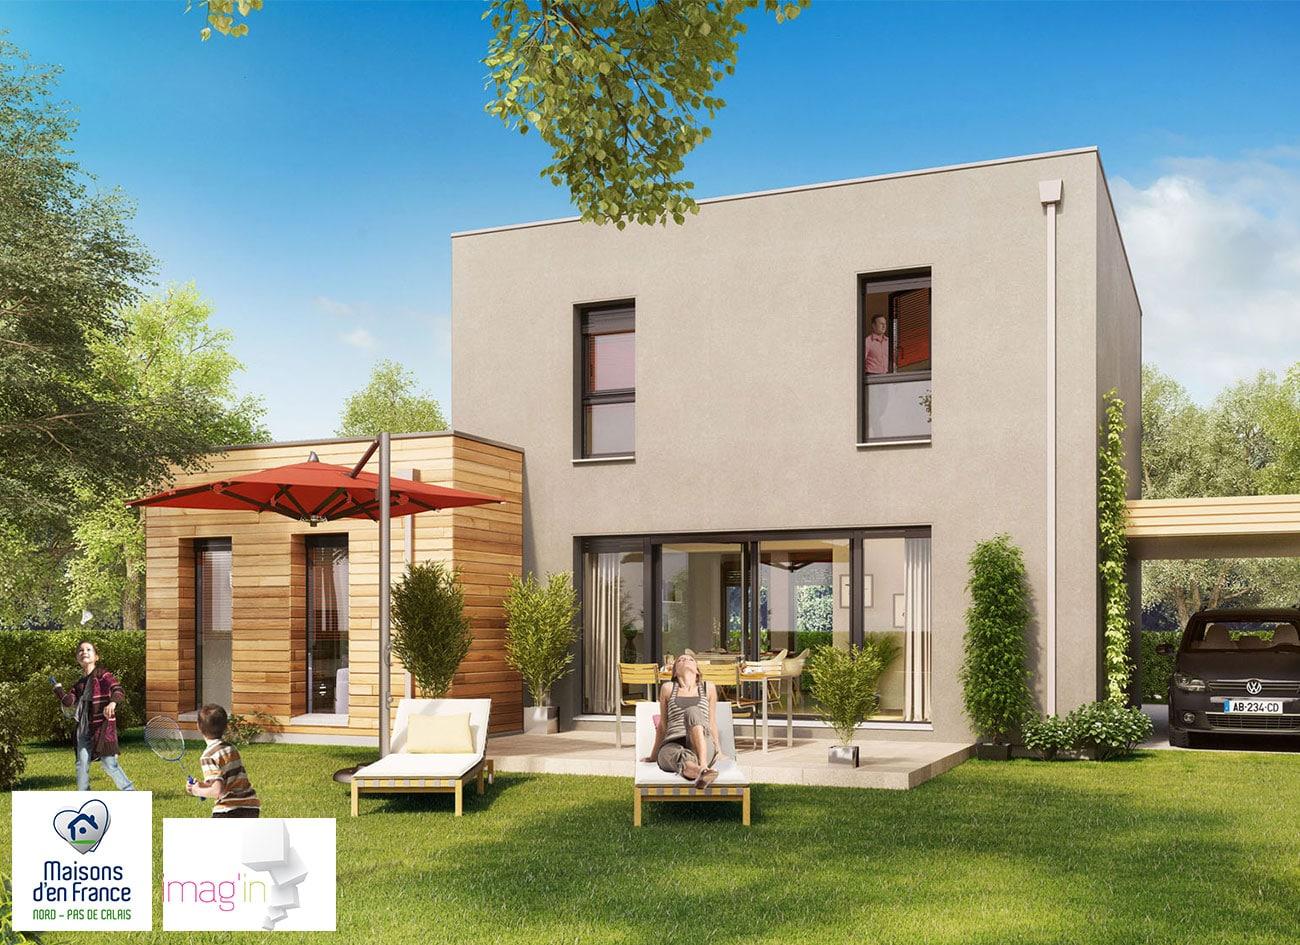 maisons individuelles maisons d 39 en france imag 39 in reseau. Black Bedroom Furniture Sets. Home Design Ideas